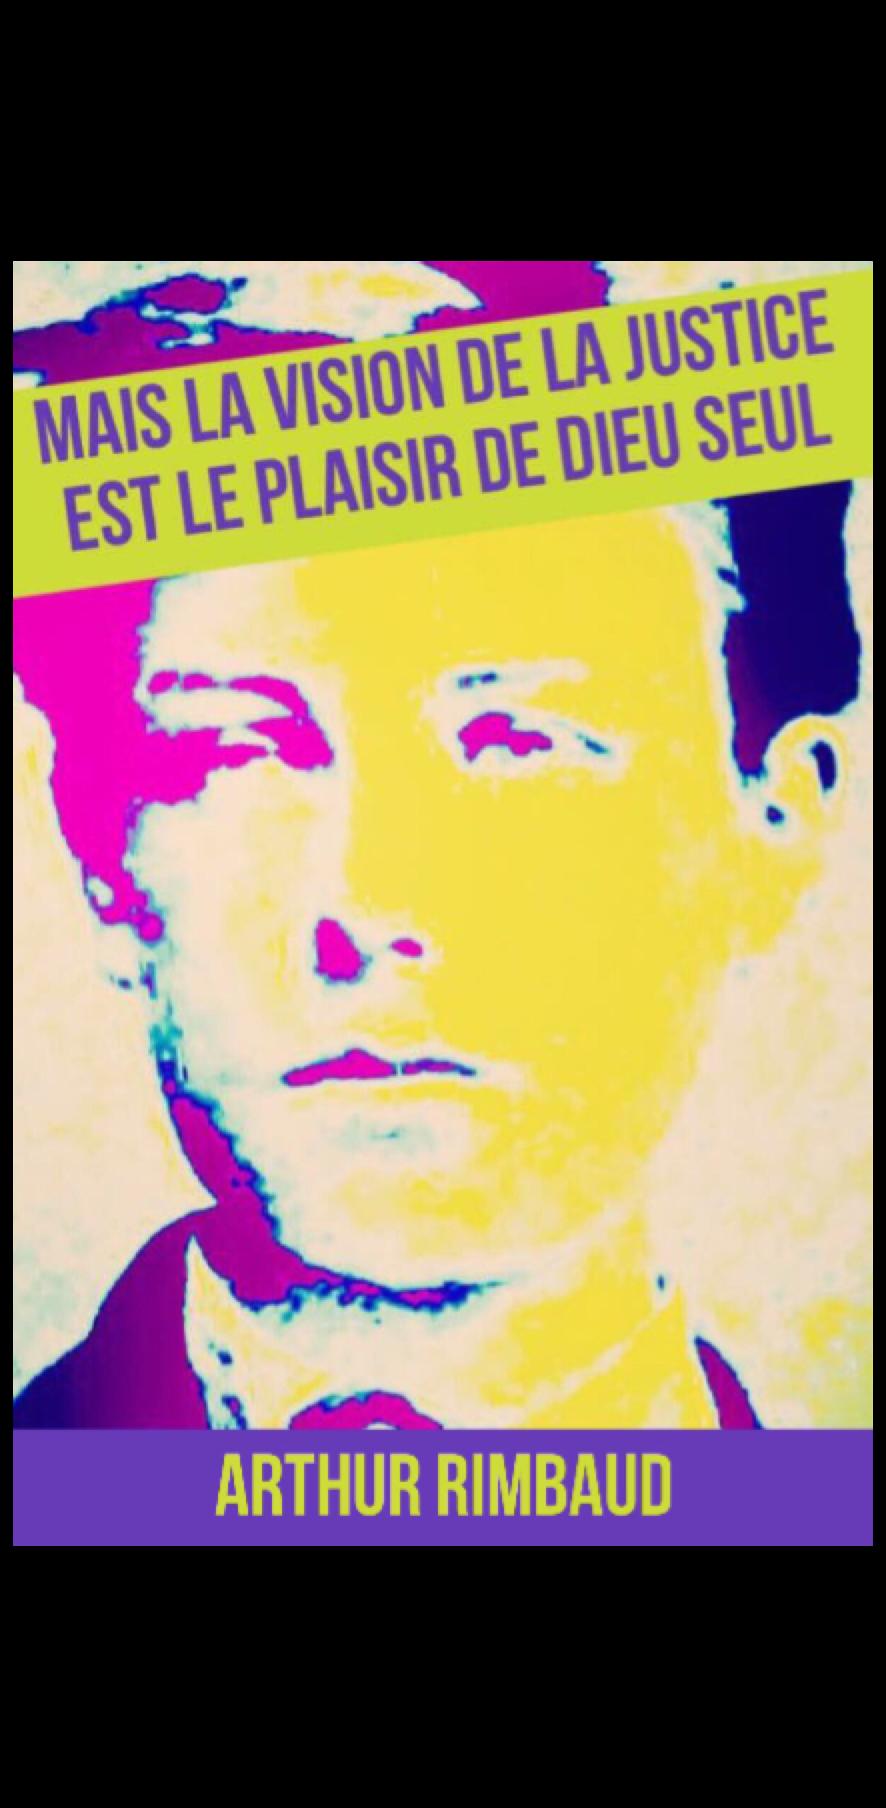 cover Arthur Rimbaud Mais le plaiser de la justice est le plaisir de Dieu Seul